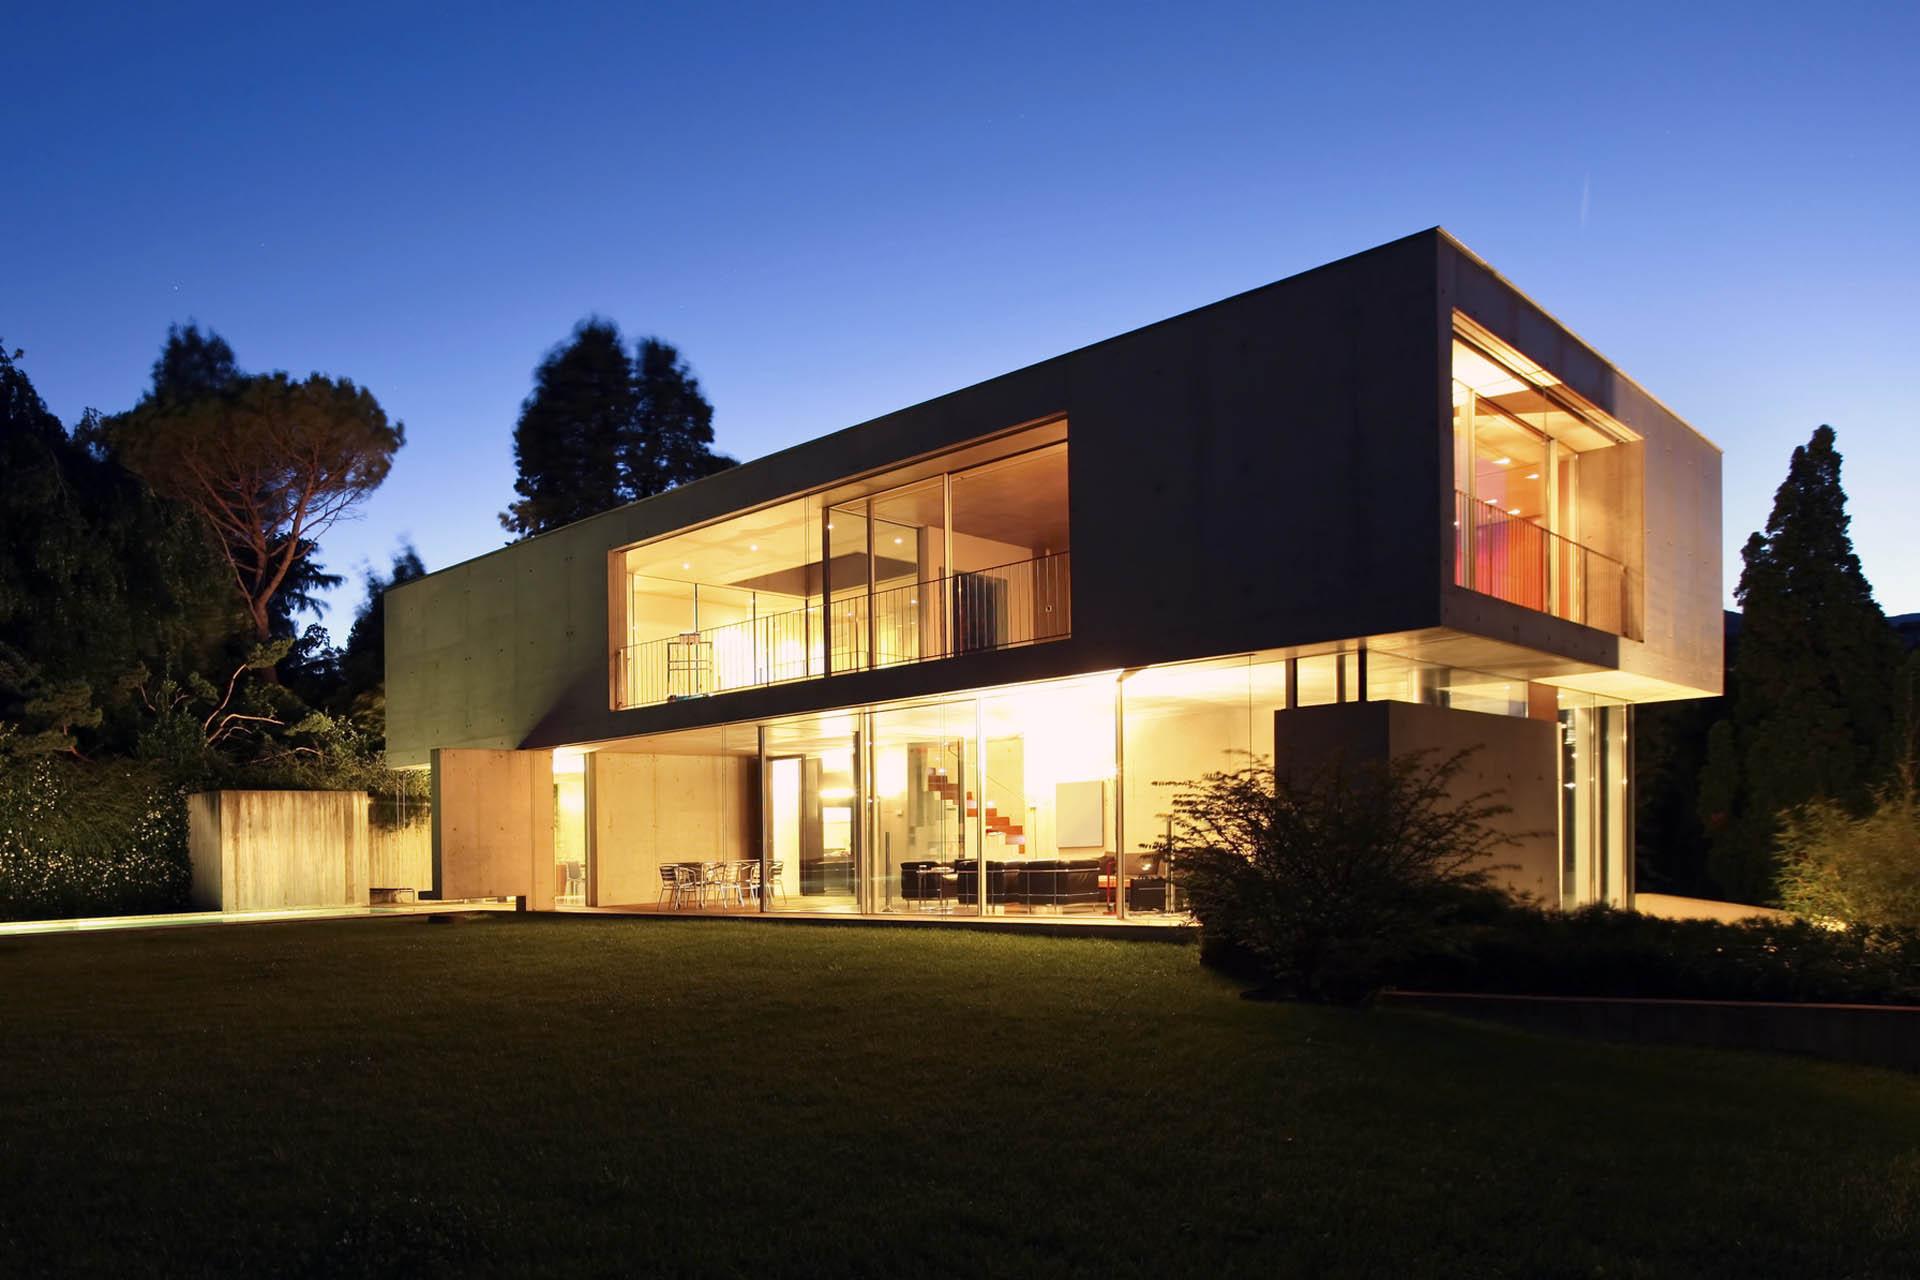 Zukunft Haus: warum ein Experte für Energieeffizienz Sinn macht